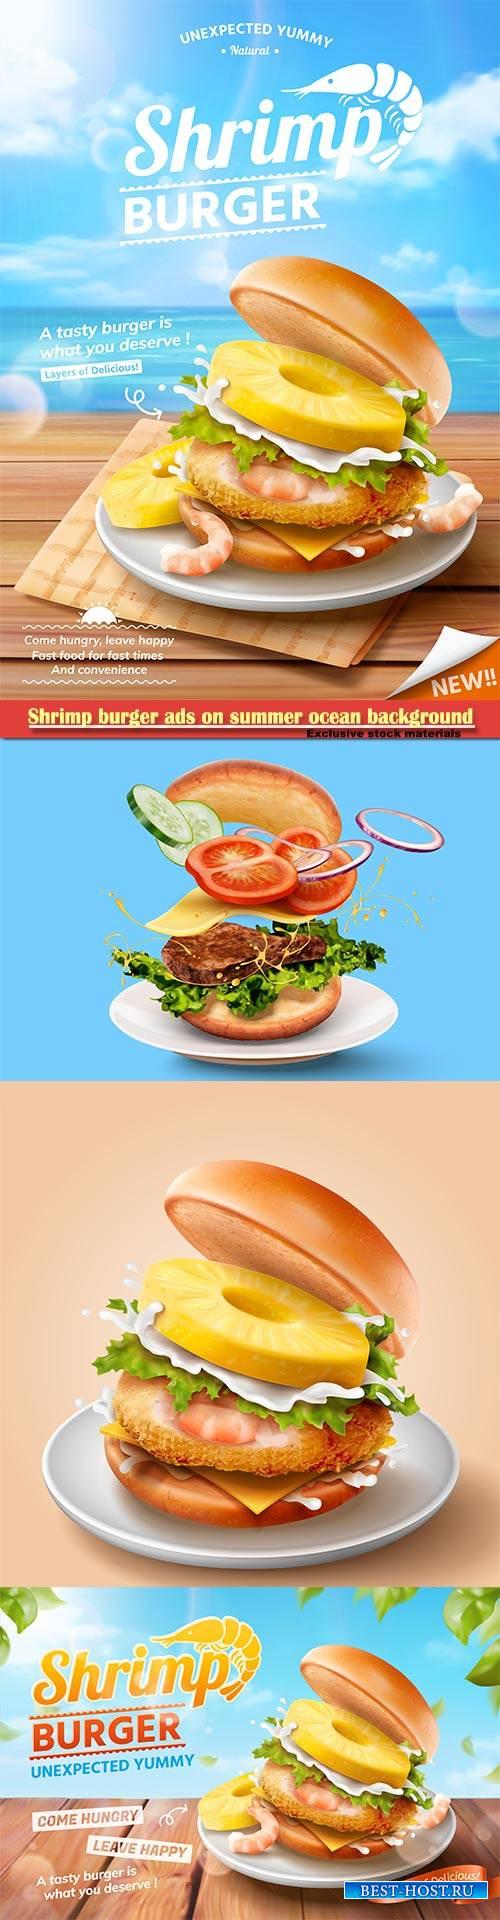 Shrimp burger ads on summer ocean background in 3d illustration